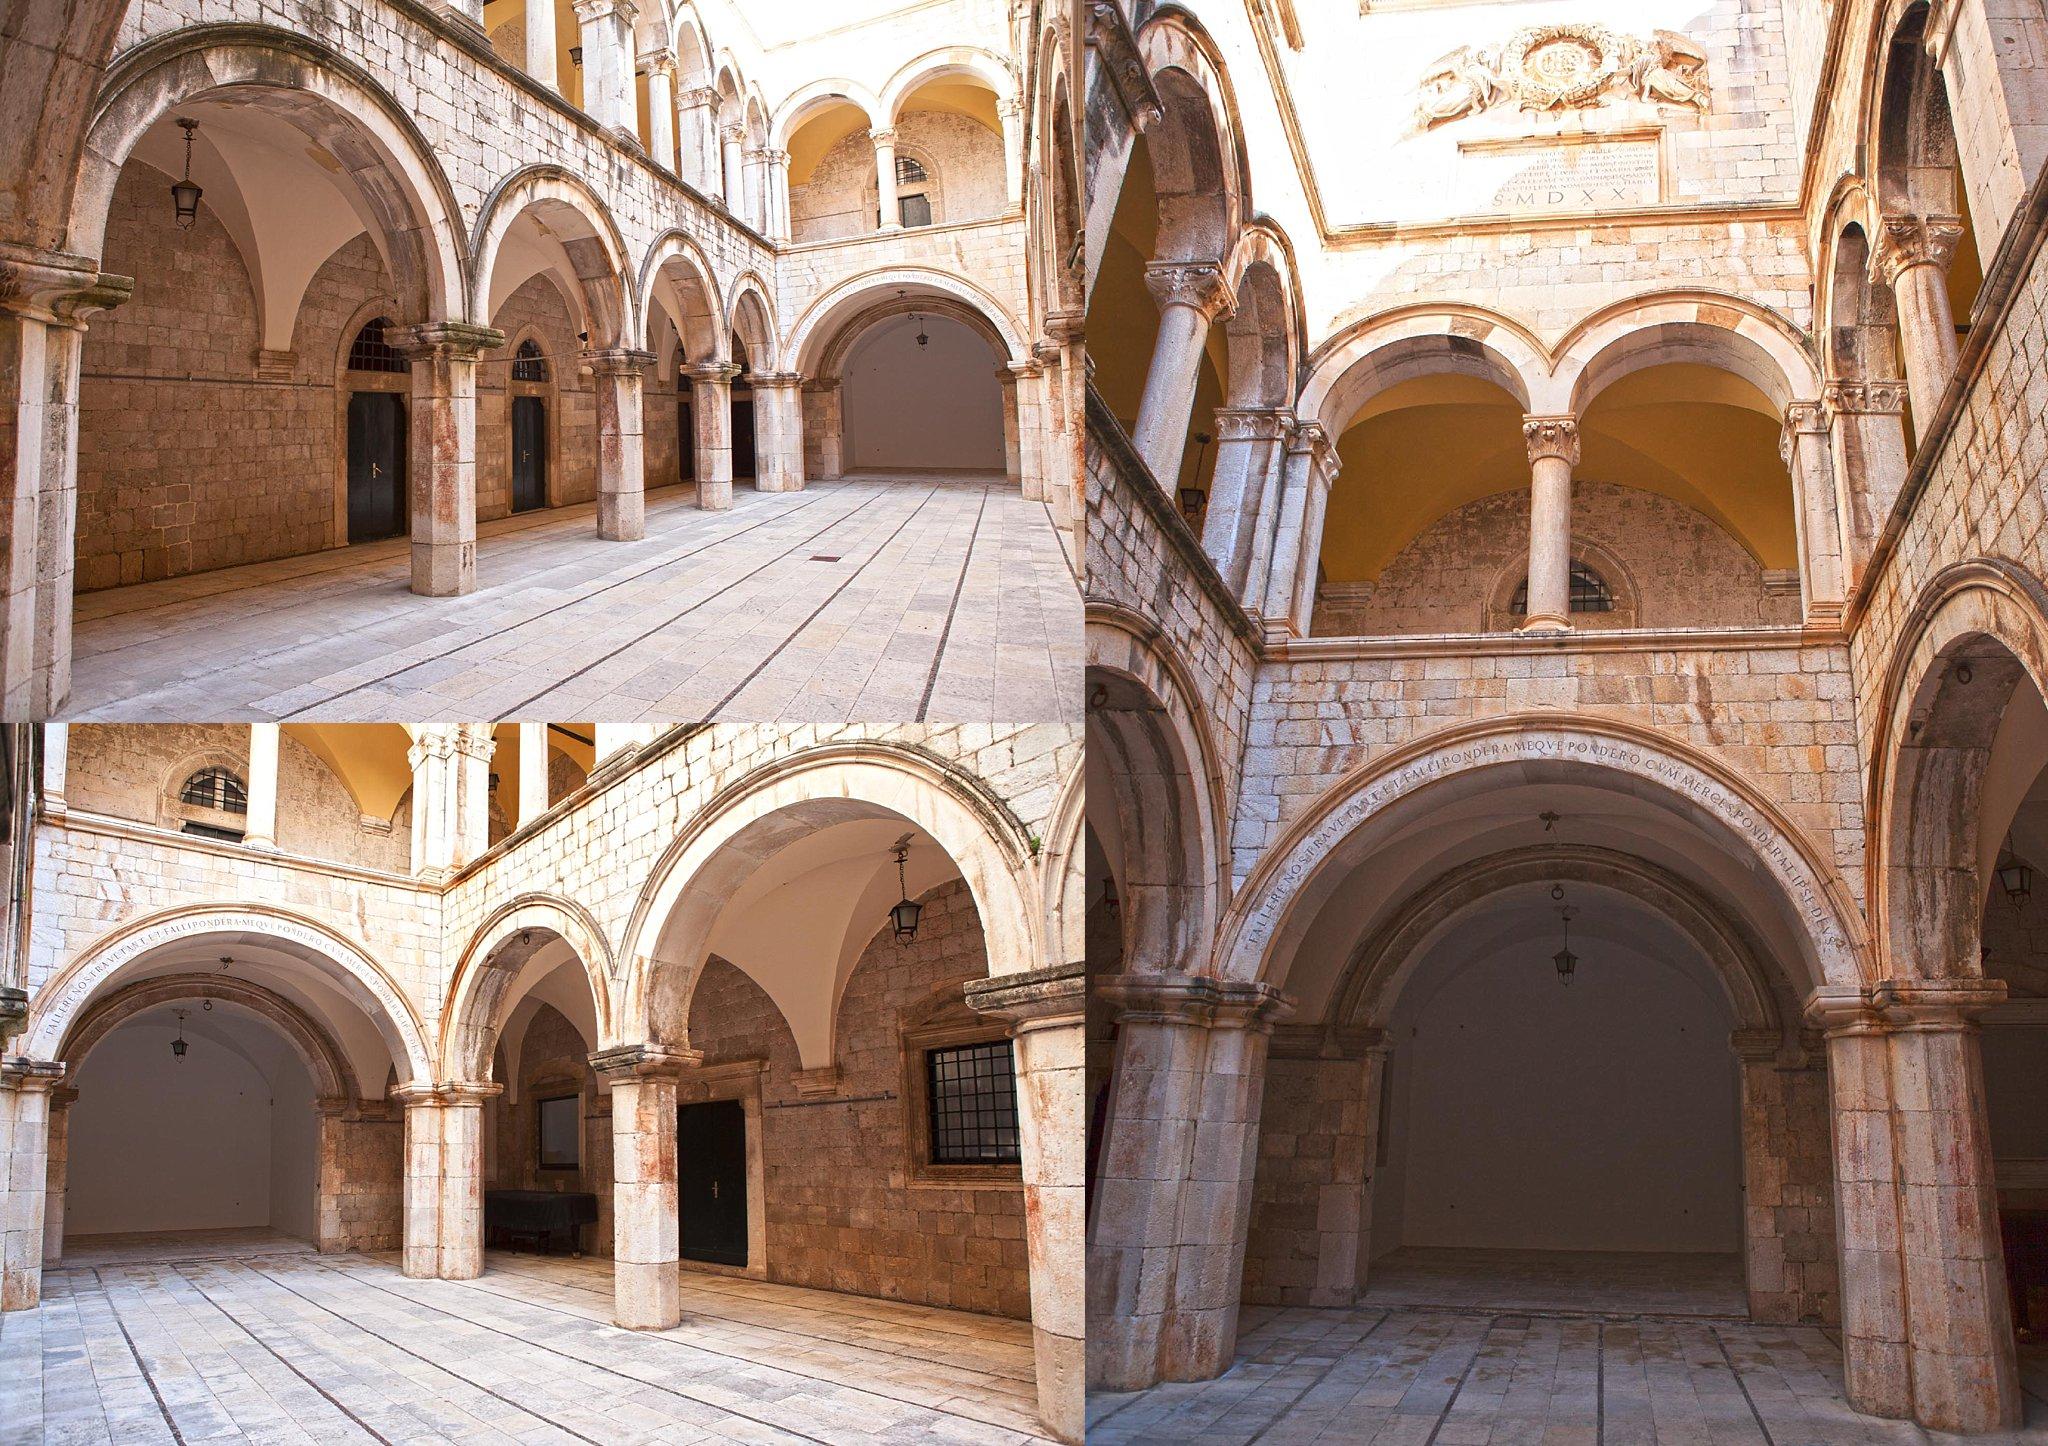 Inside Sponza's Palace